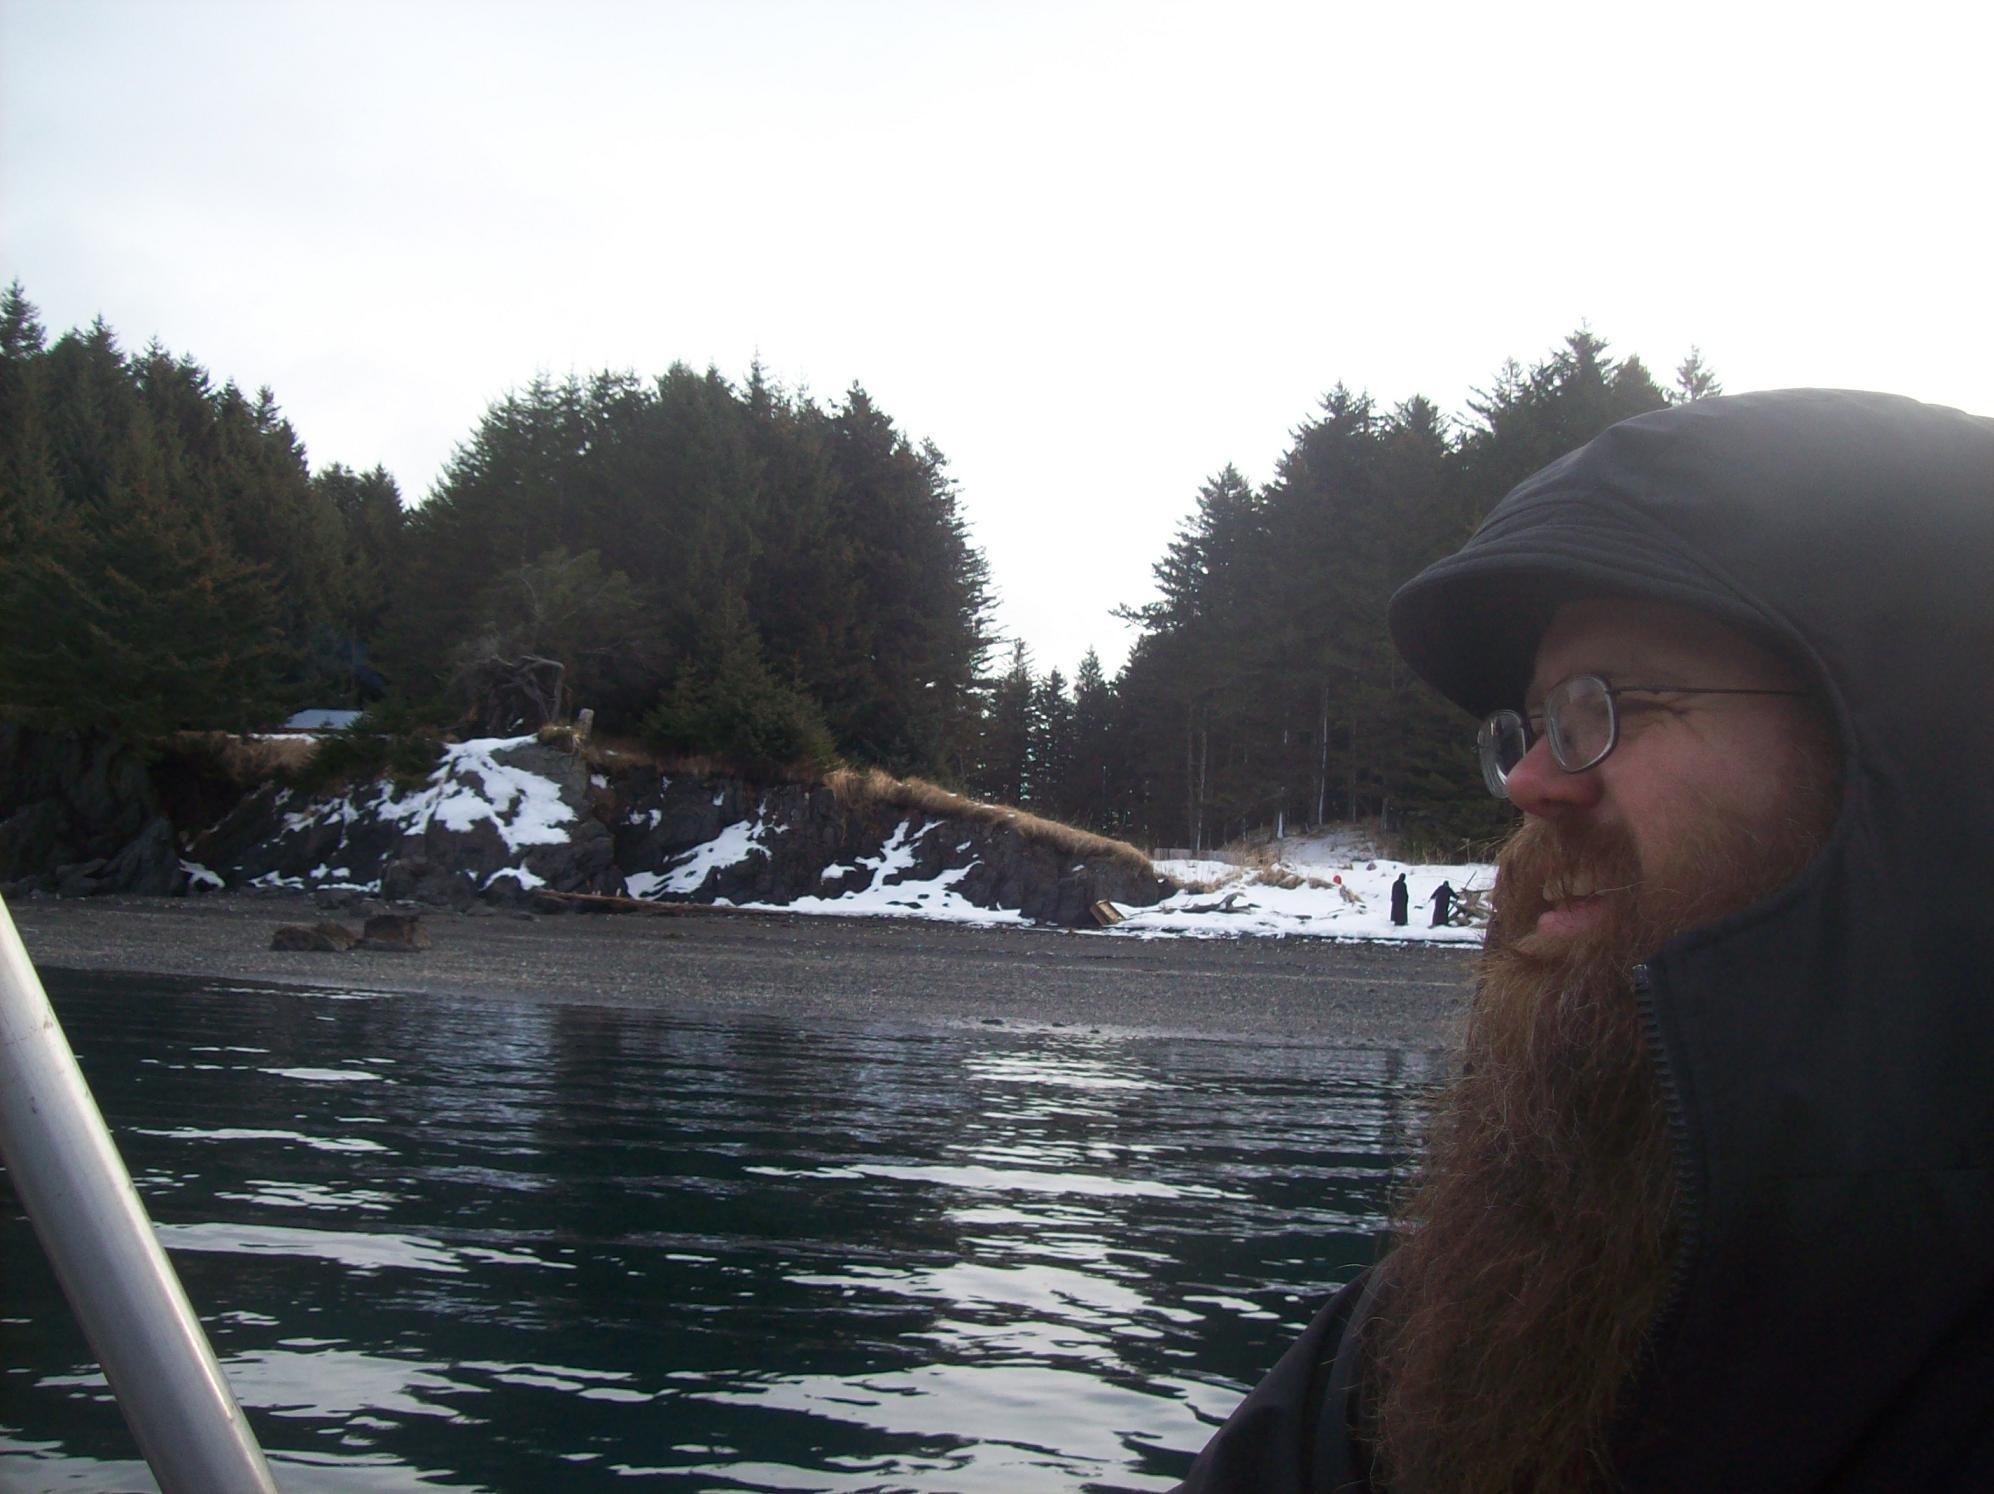 28 P. Adrian de la insula vecina, Spruce Island, Alaska